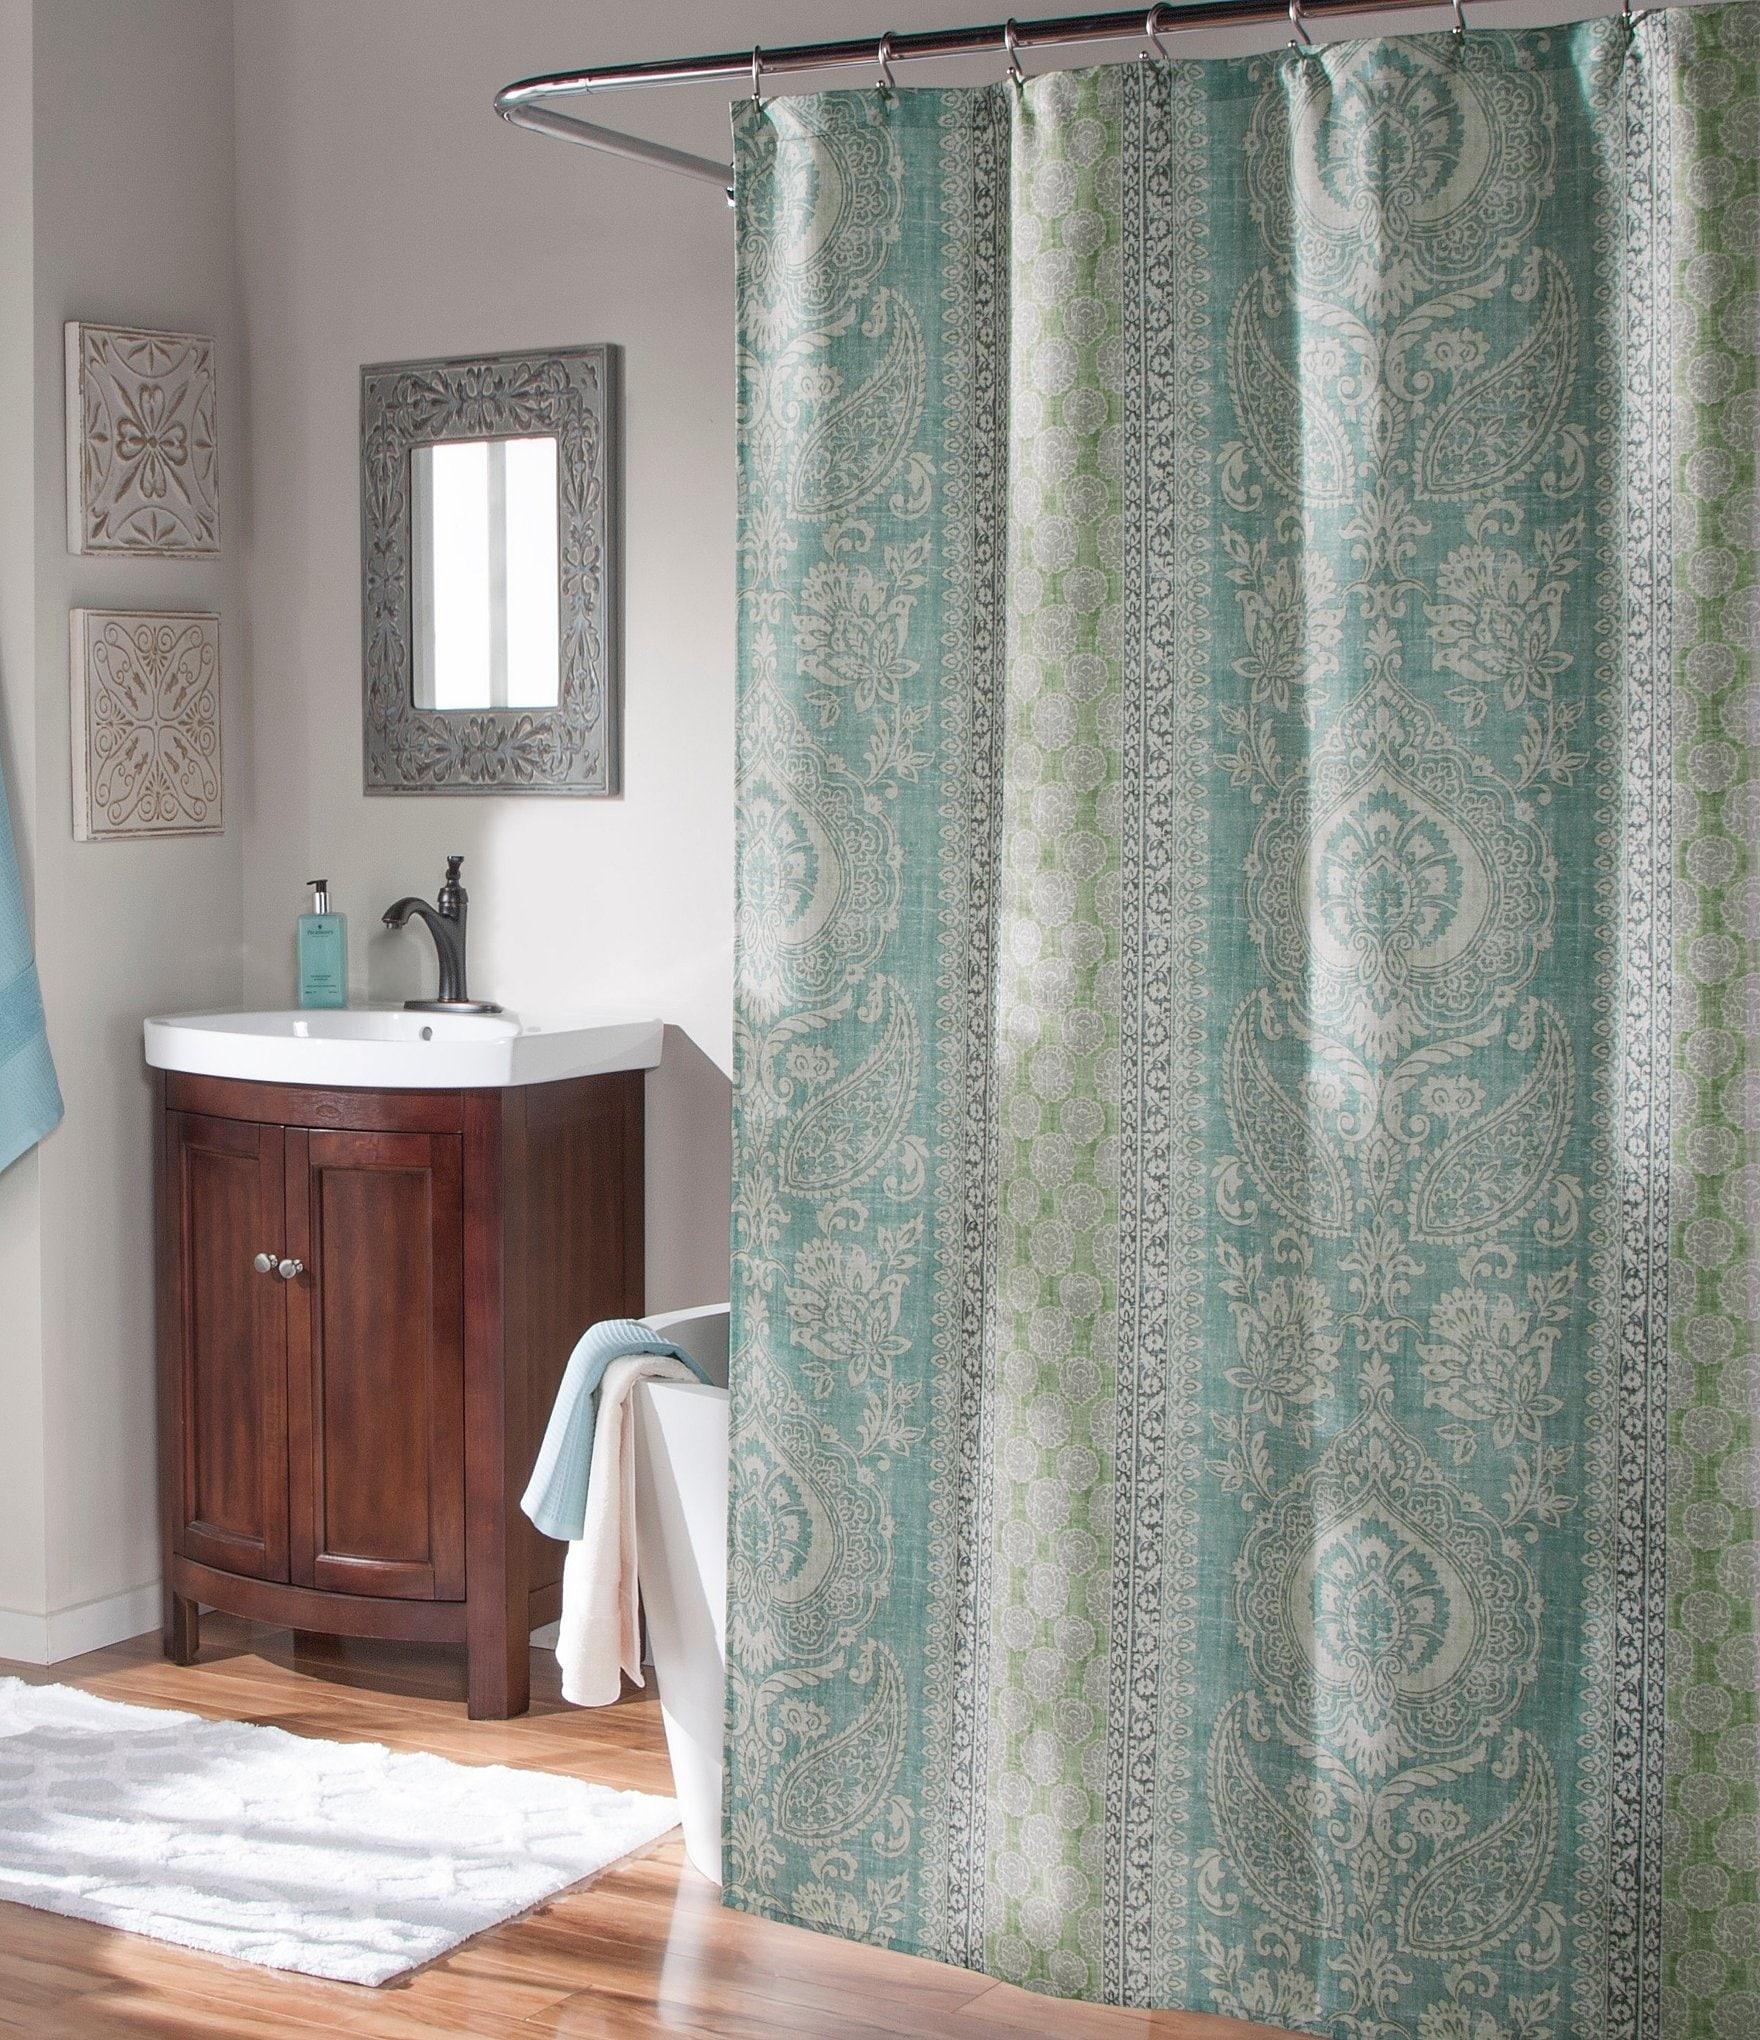 Dillards shower curtain